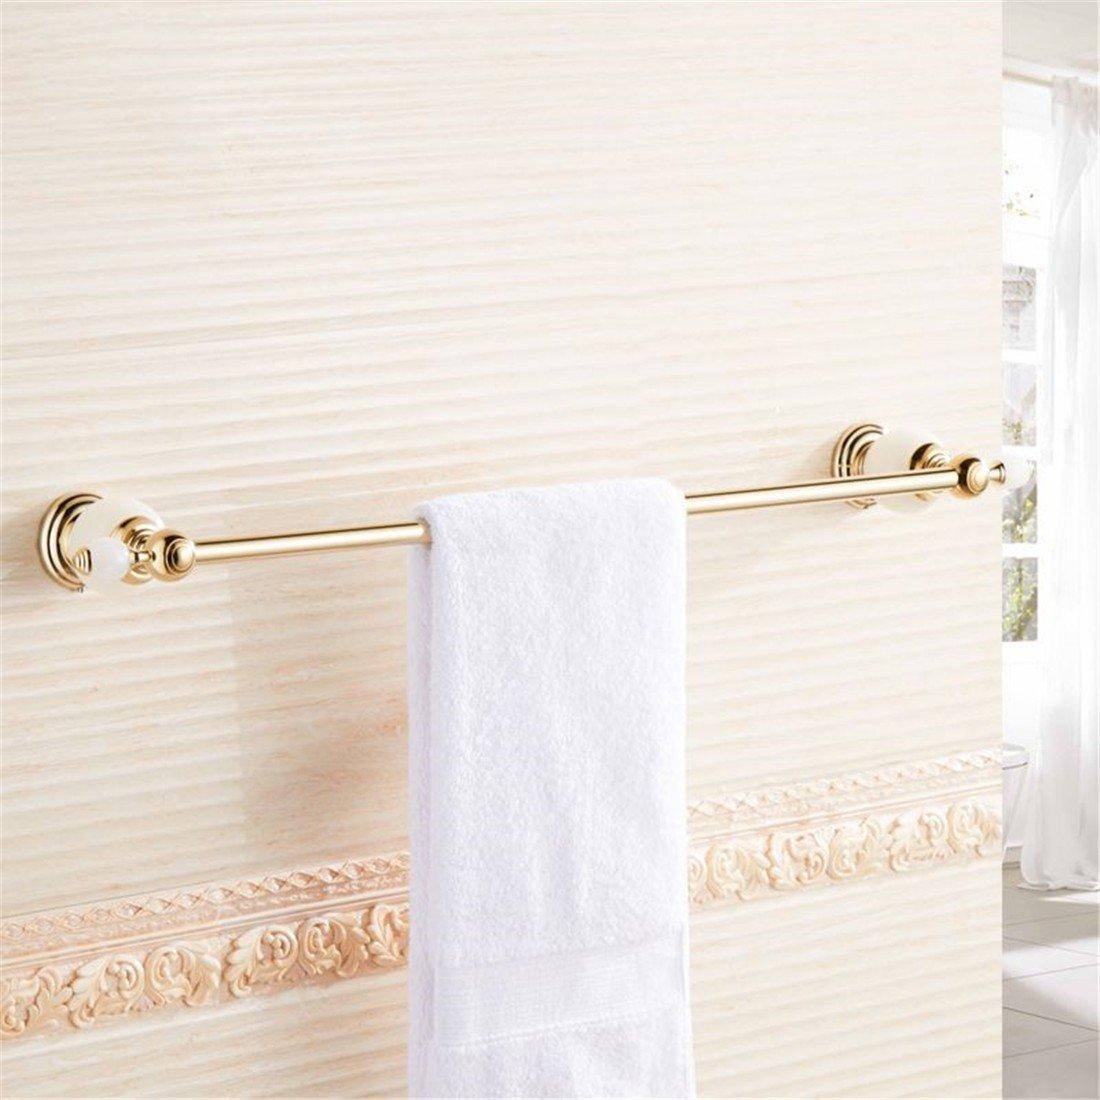 D D Bathroom Accessories Badaccessoires Sets Europaische Weissem